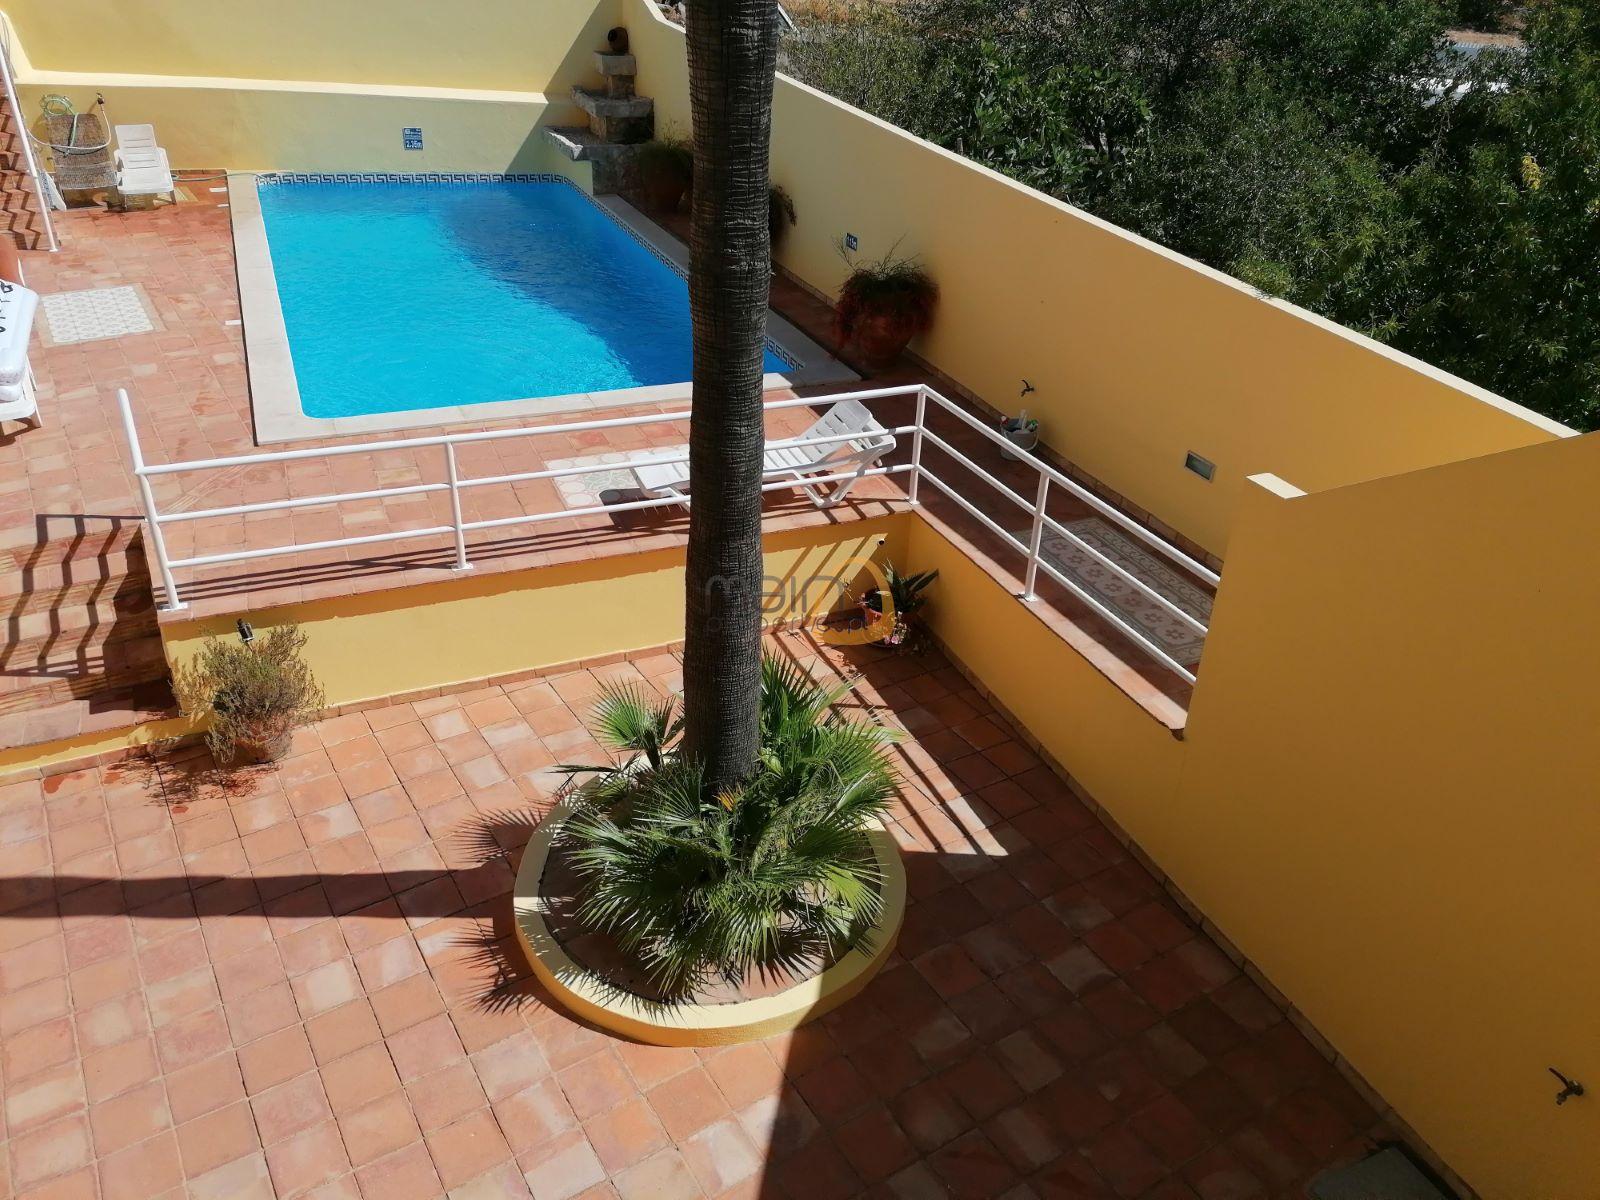 Apartamento com 1 quarto com piscina no centro de Boliqueime